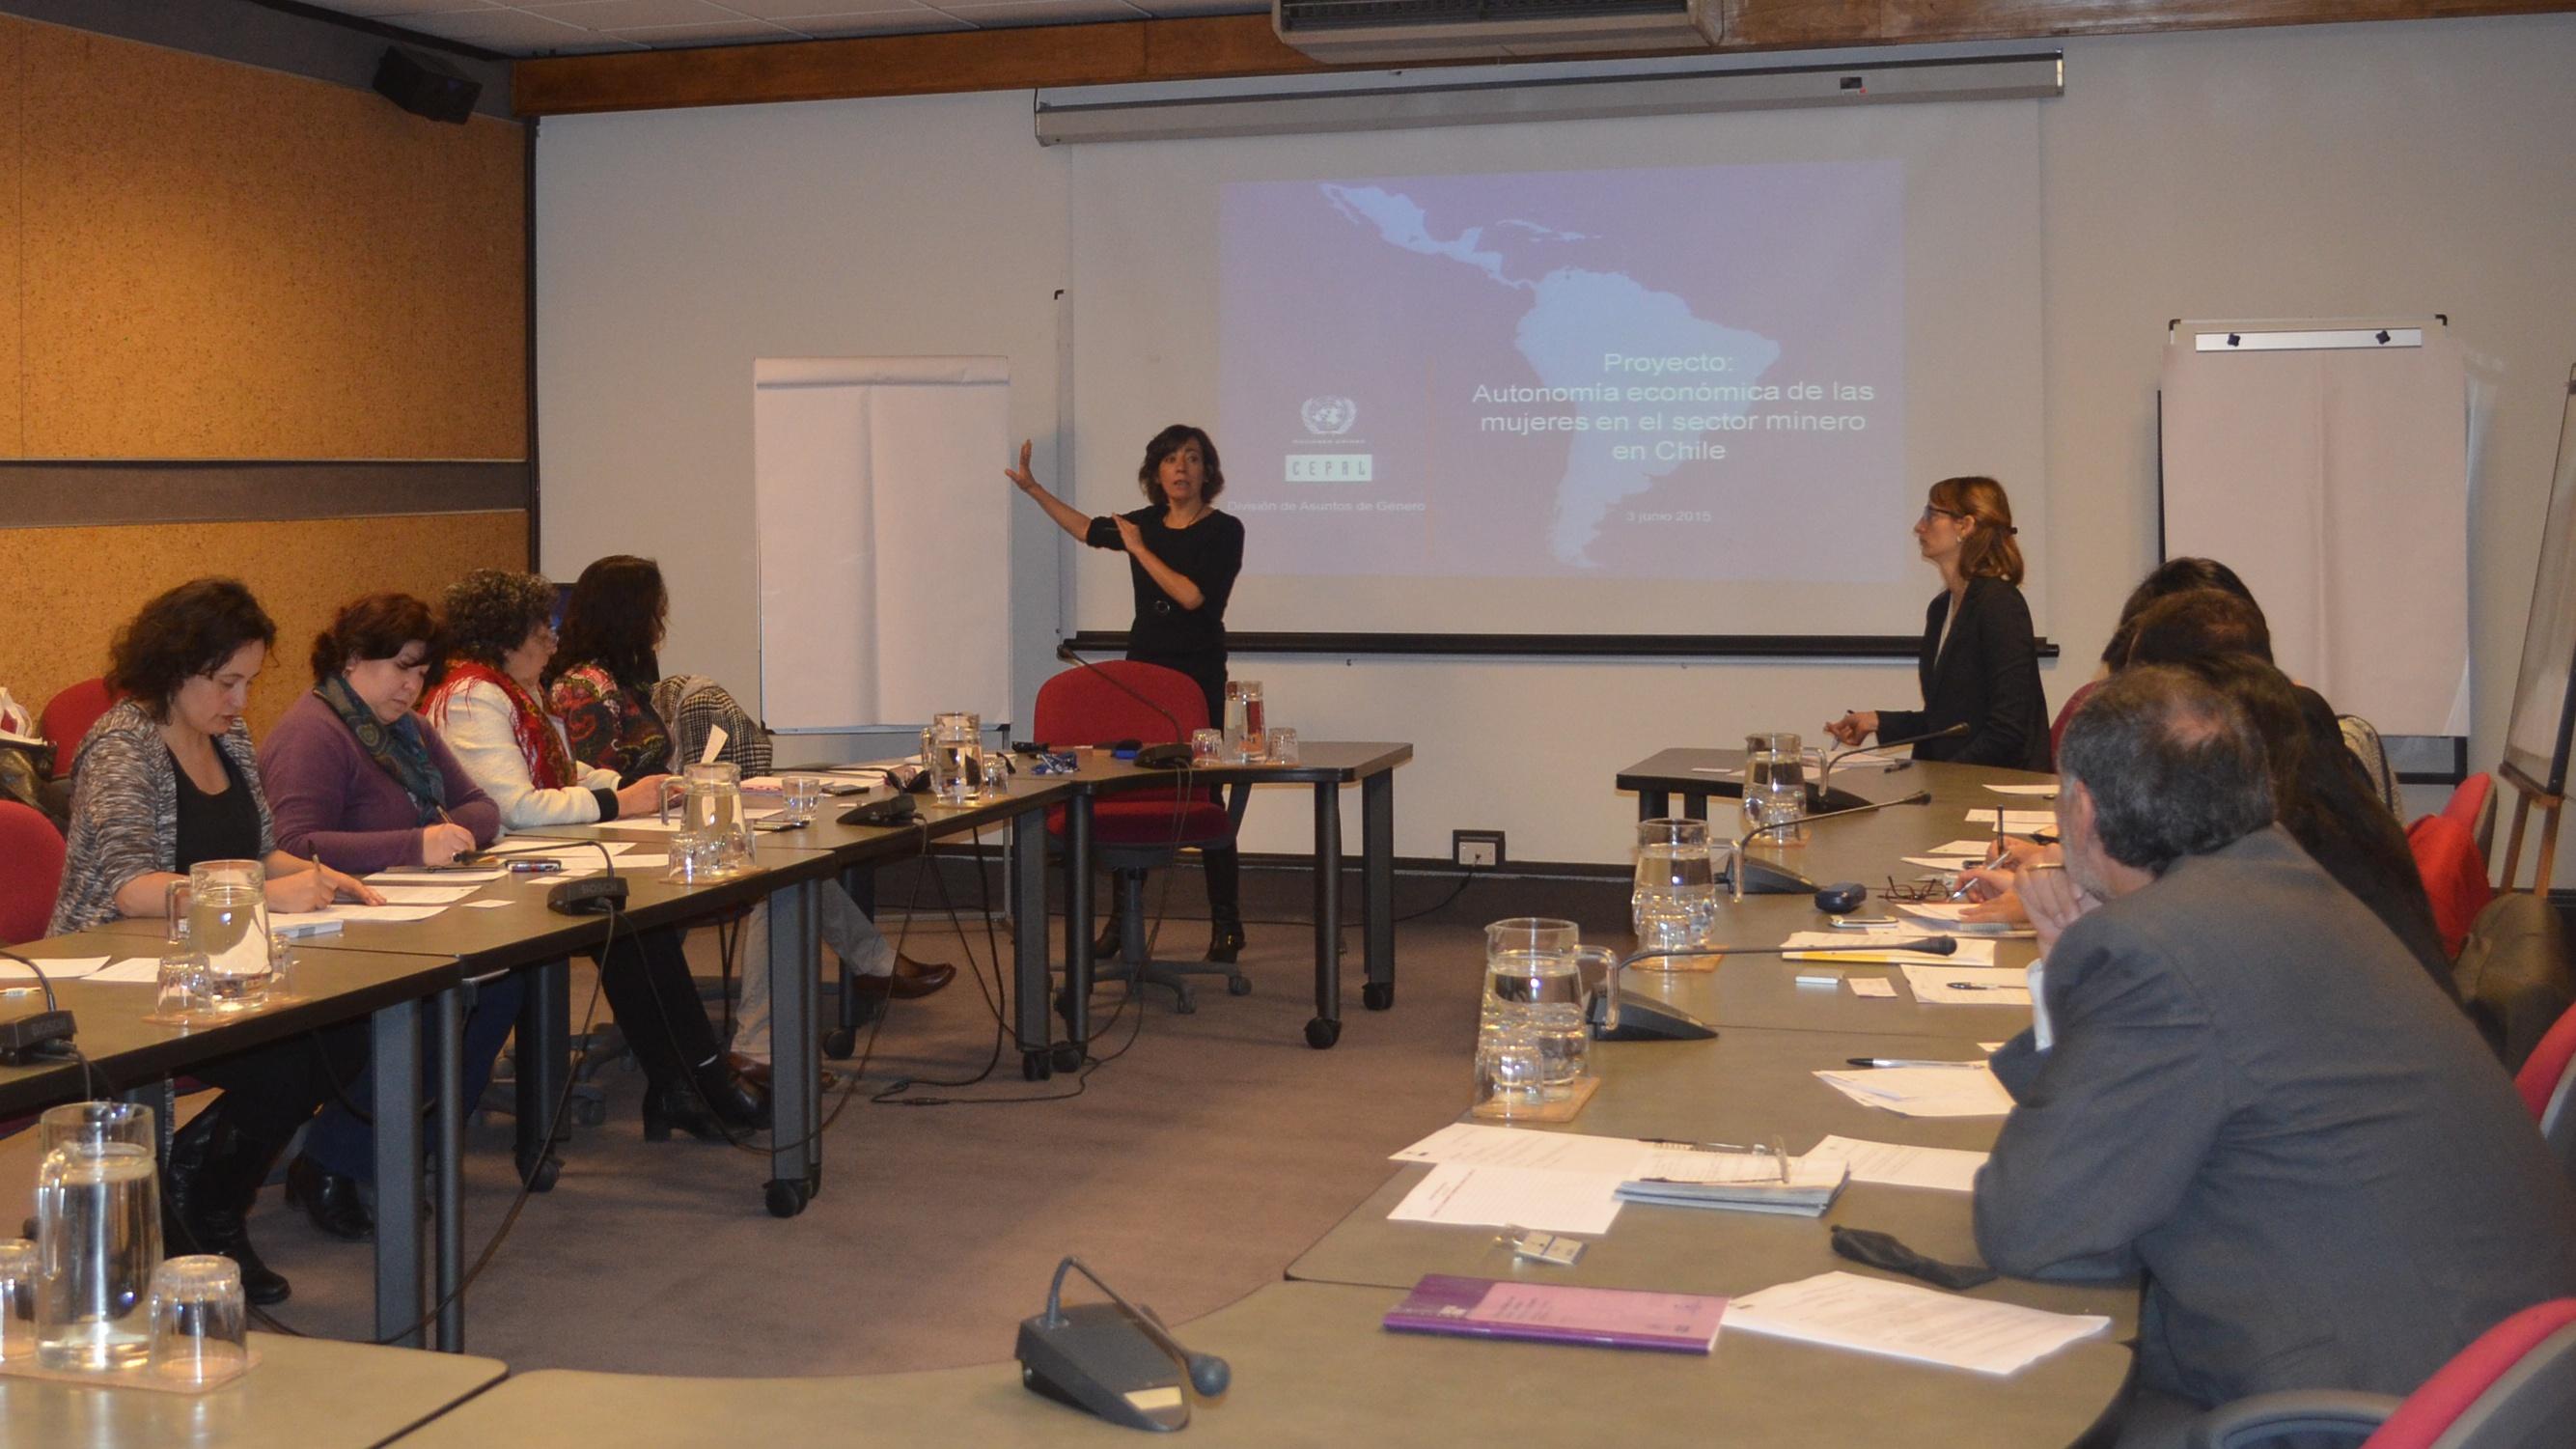 Reunión de trabajo: Las mujeres y la minería en Chile